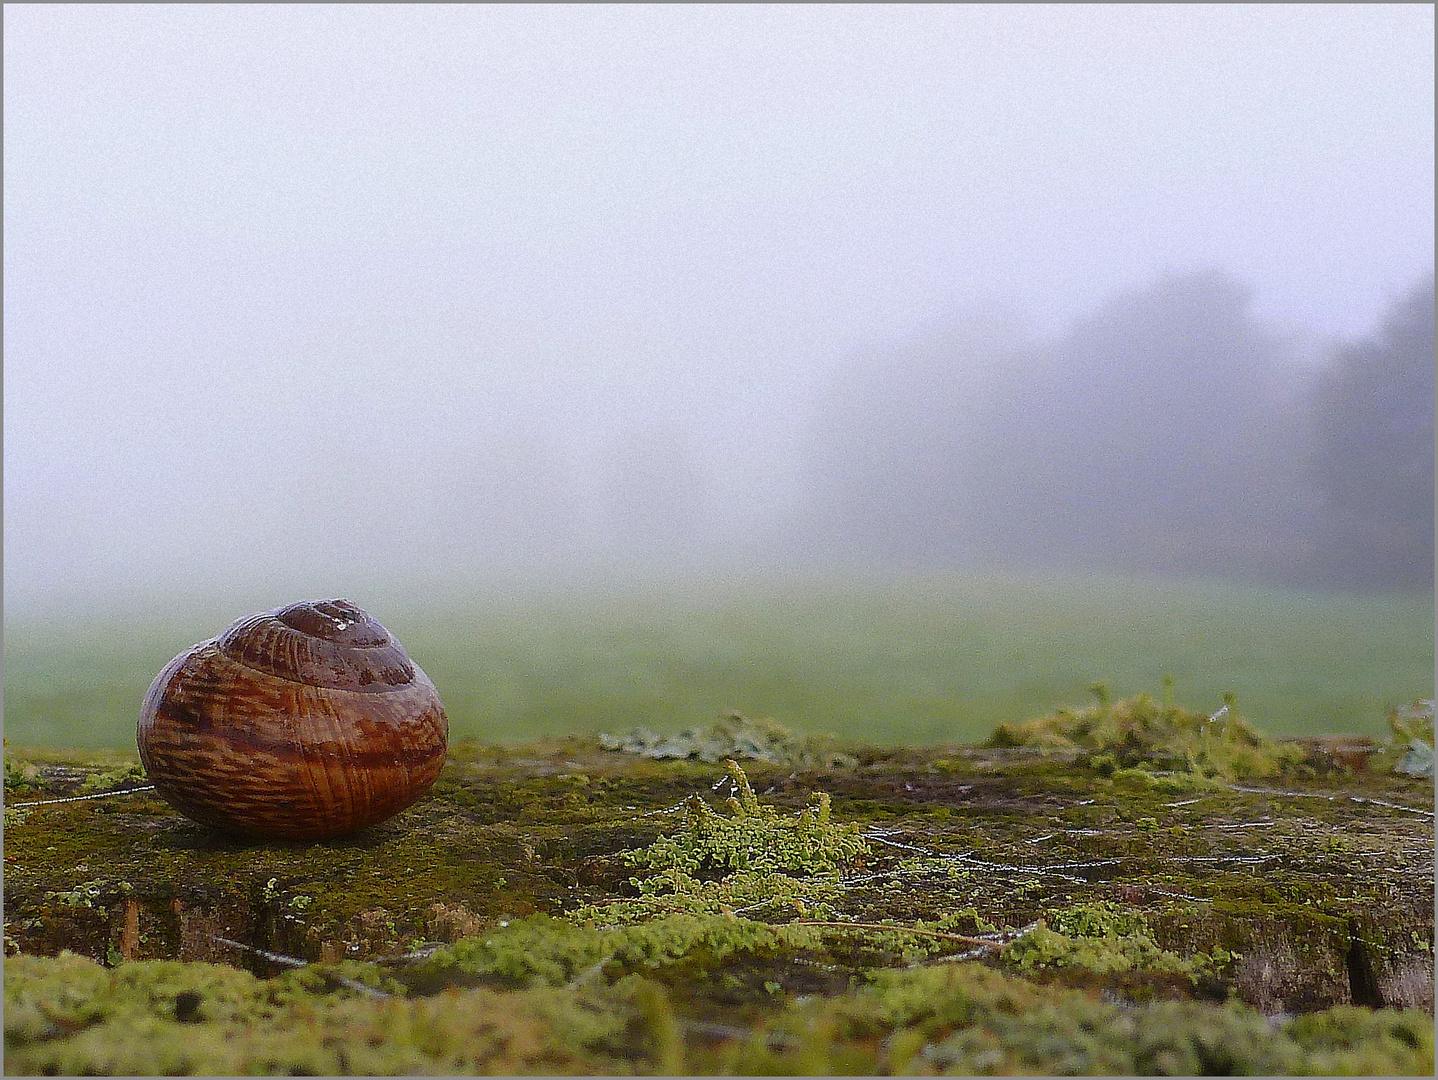 Schnecke im Haus auf Zaunpfahl im Nebel ....